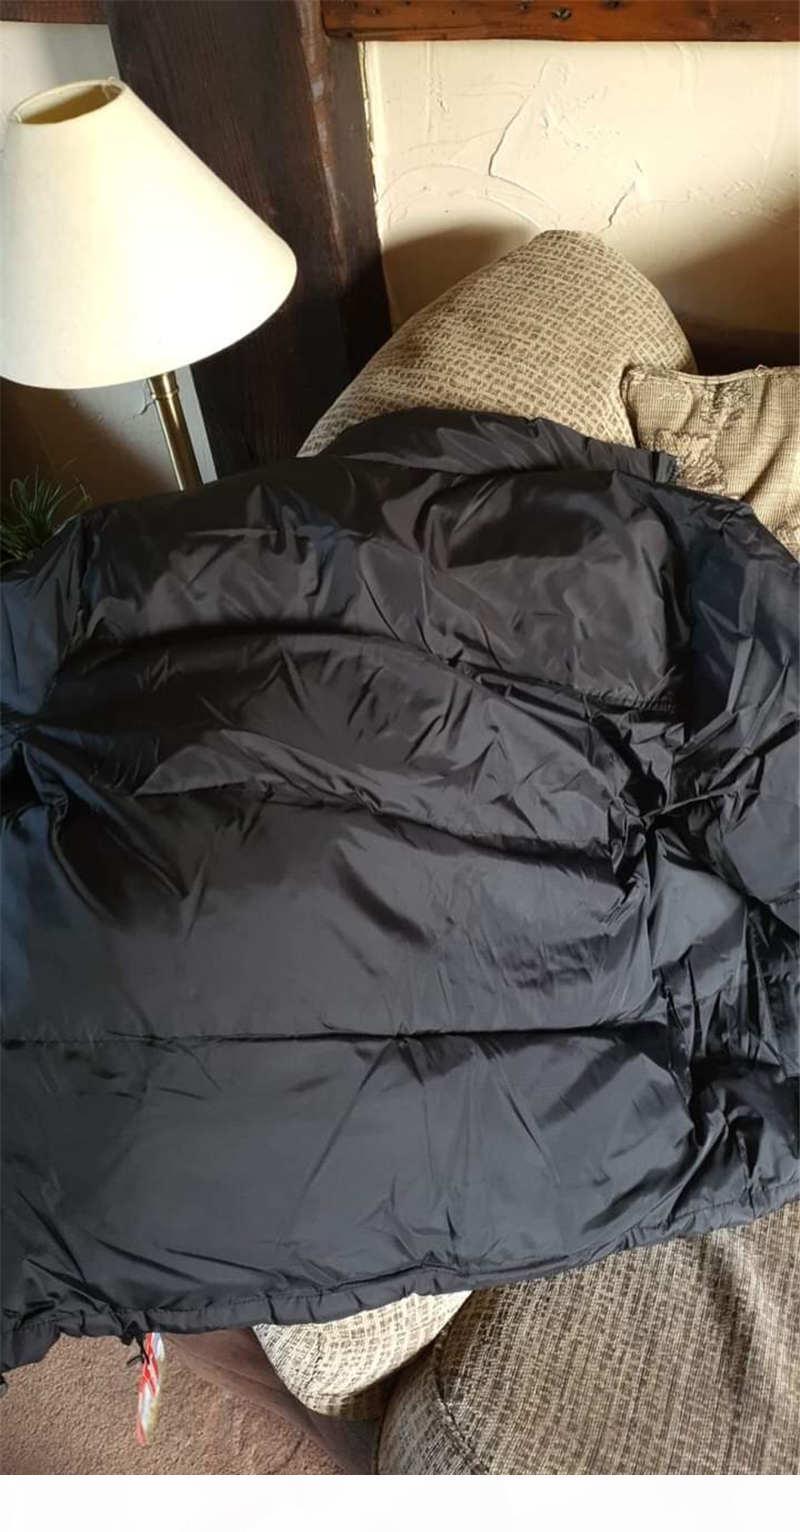 겨울 두꺼운 코트 자수 스타일 재킷 겨울 두꺼운 코트 워밍 재킷, 따뜻한 의류